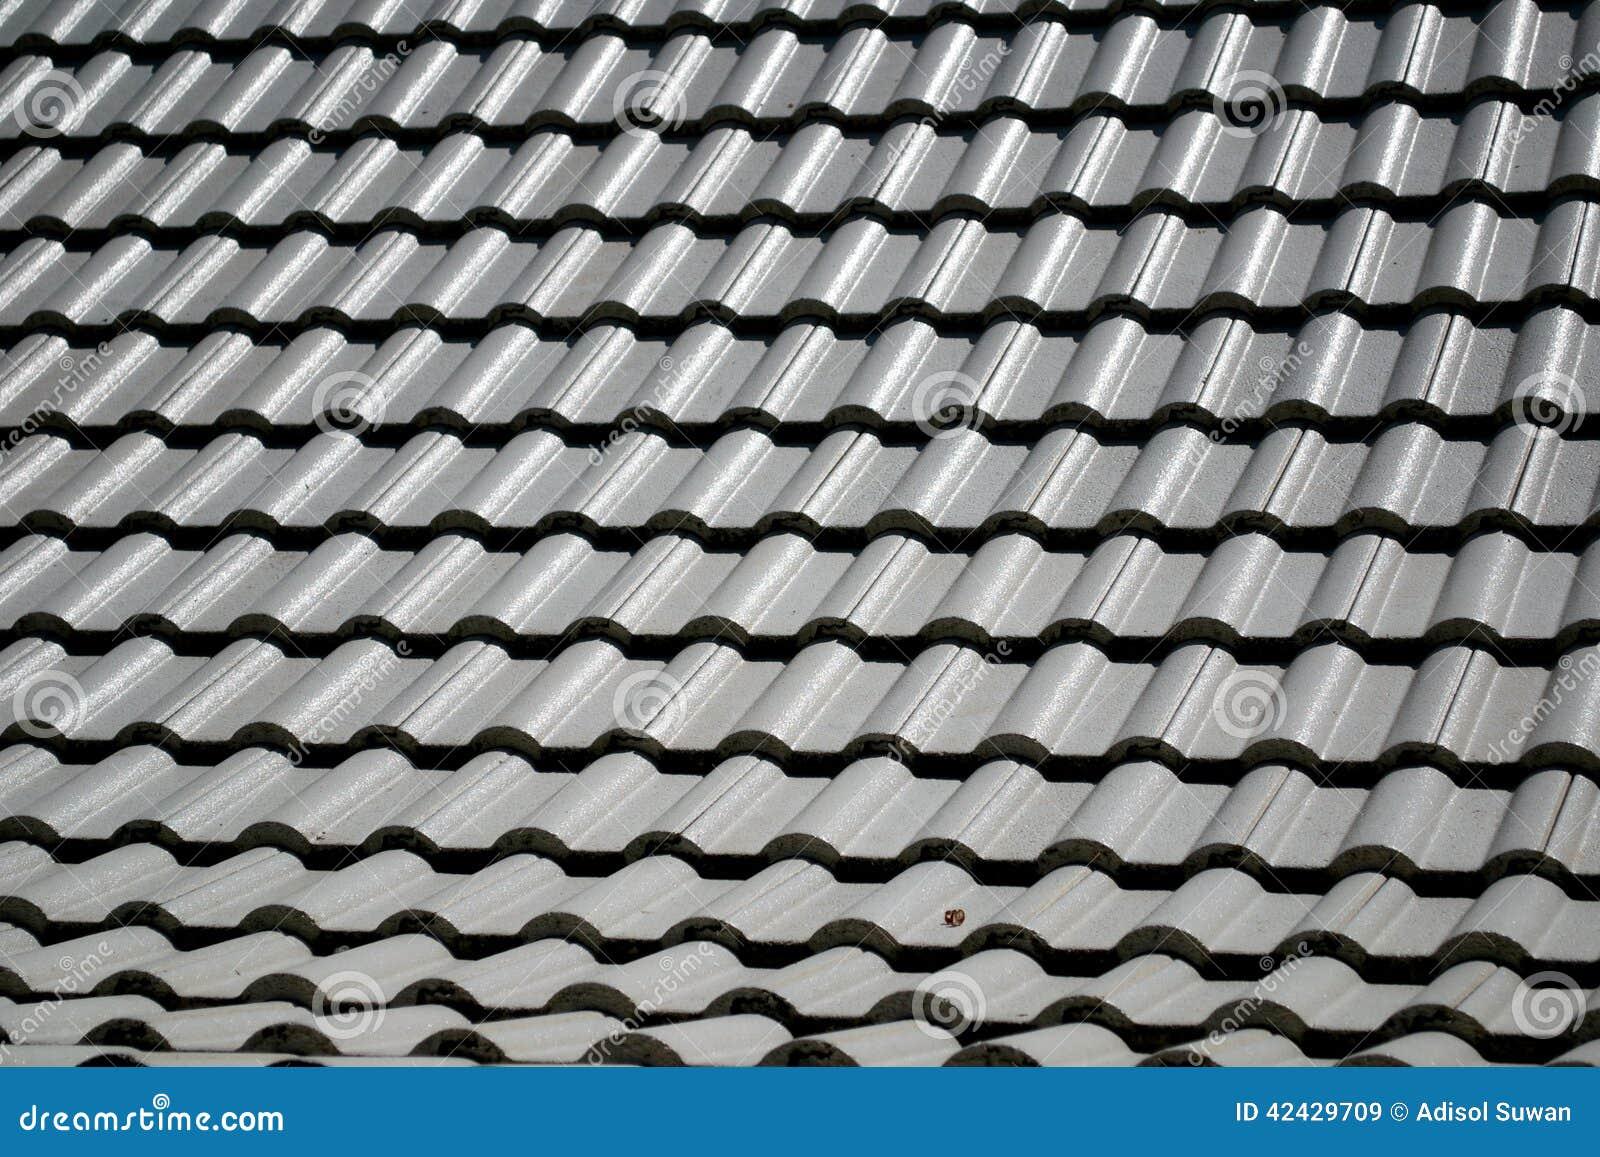 El top del tejado